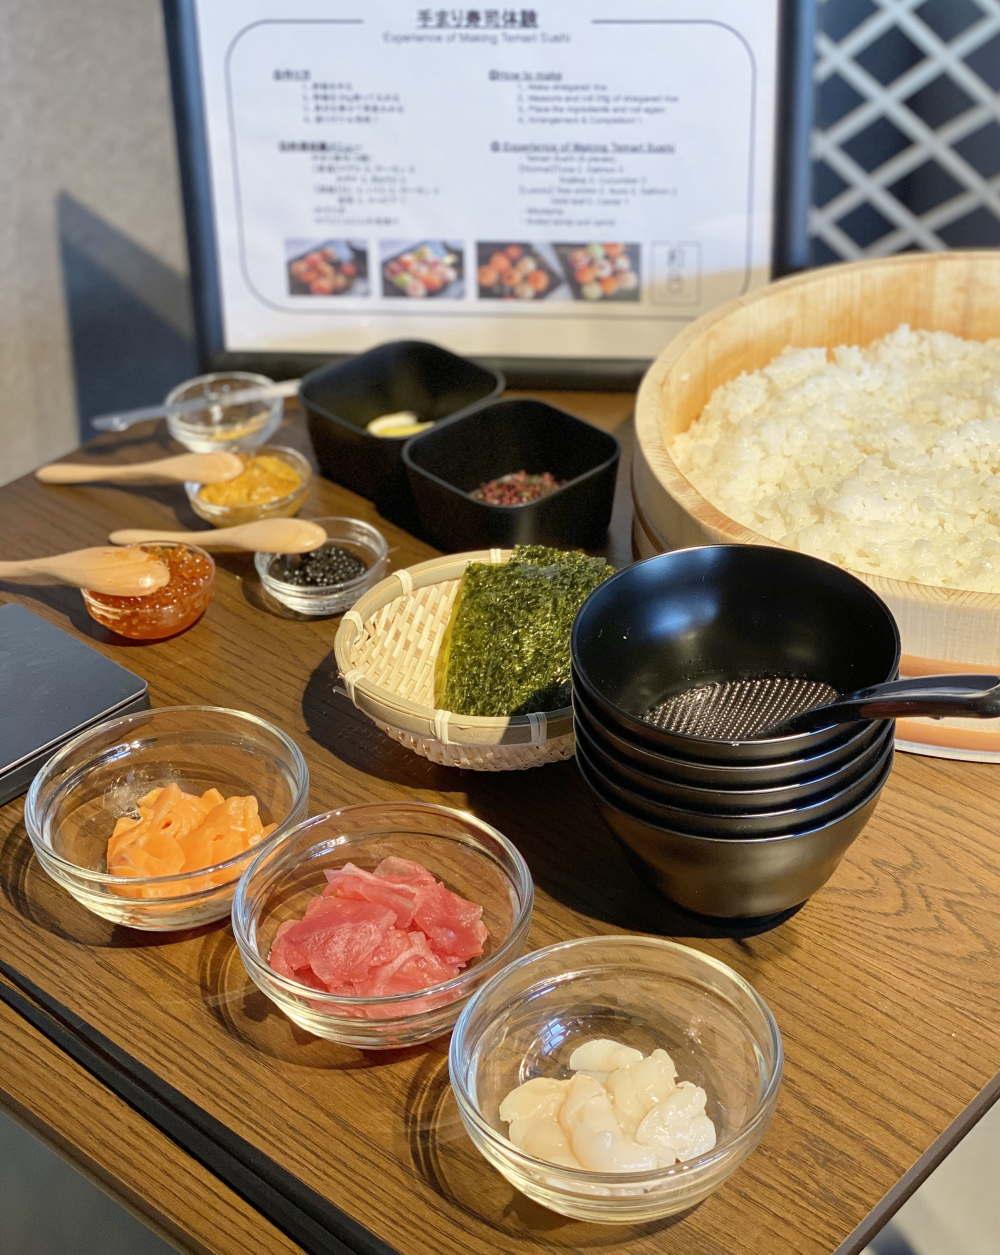 浅草で料理体験!自分だけのオリジナル手まり寿司作り